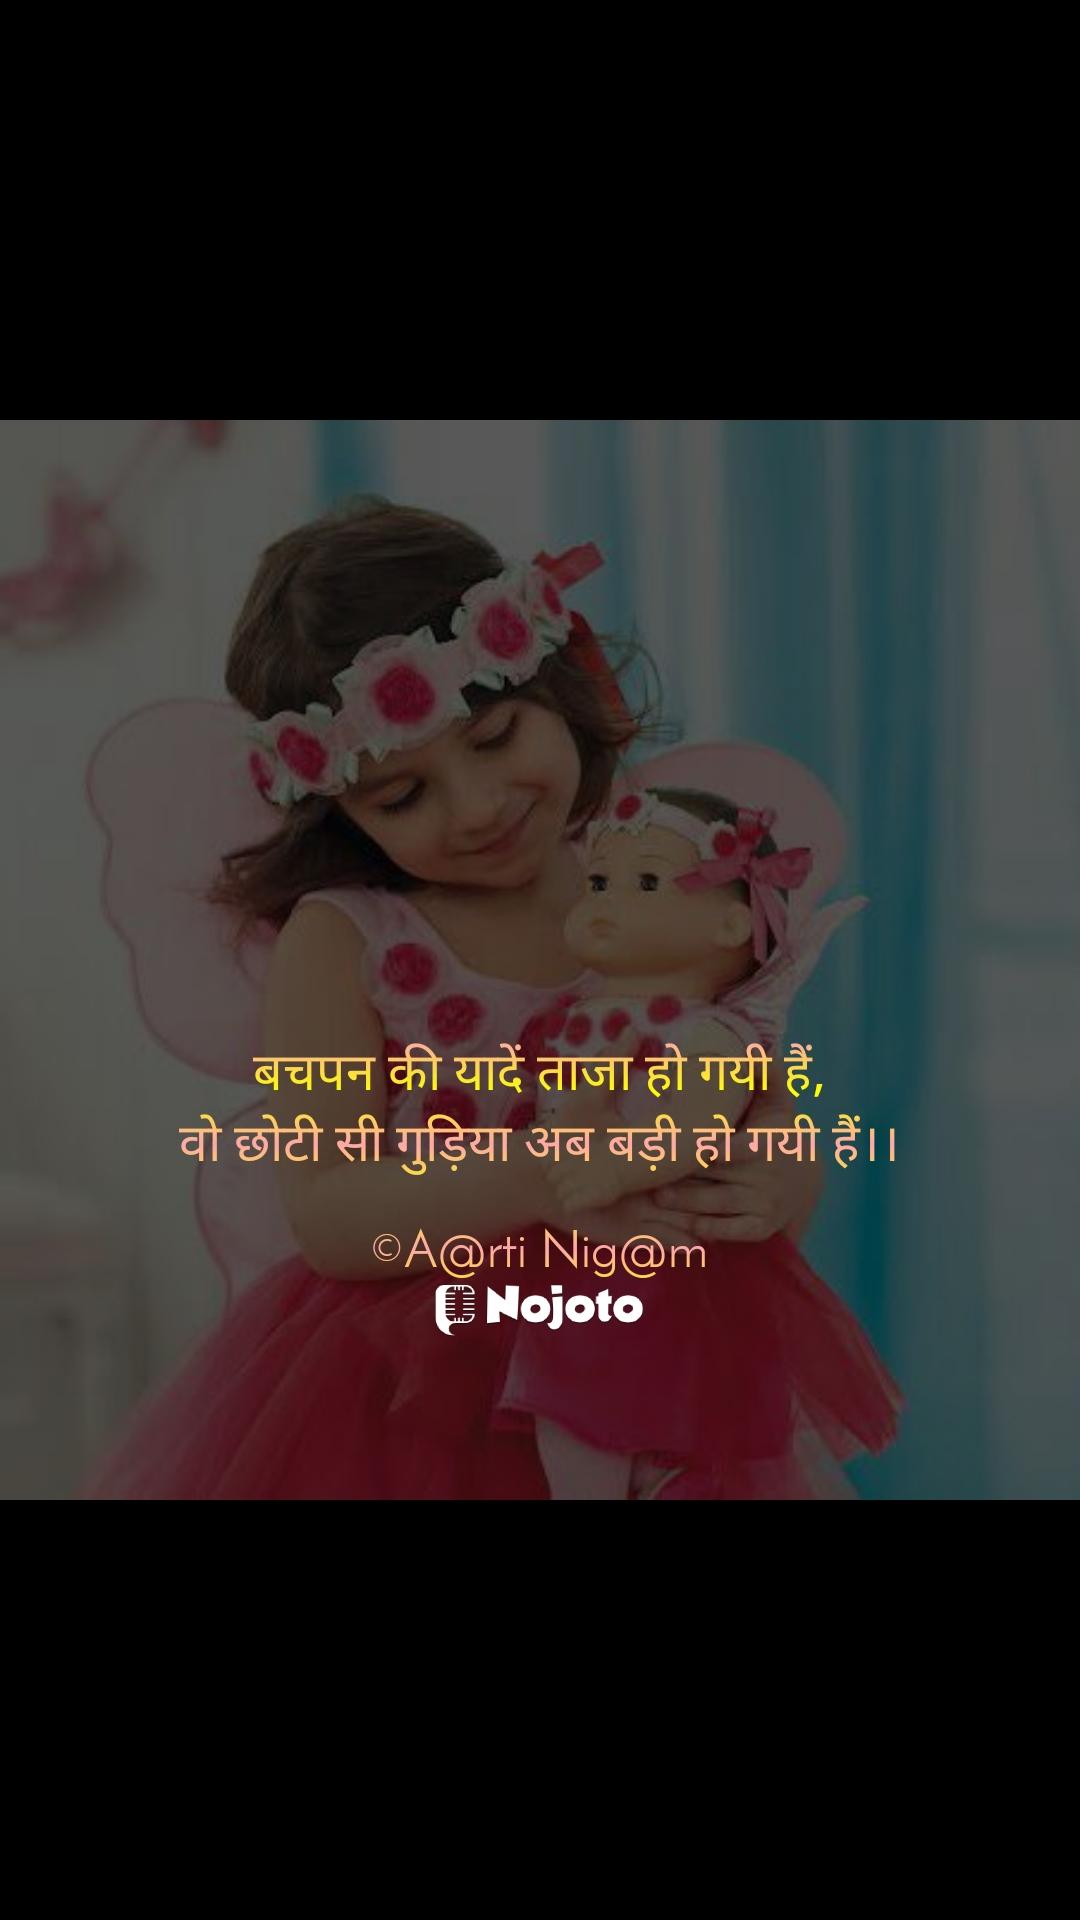 बचपन की यादें ताजा हो गयी हैं, वो छोटी सी गुड़िया अब बड़ी हो गयी हैं।।  ©A@rti Nig@m